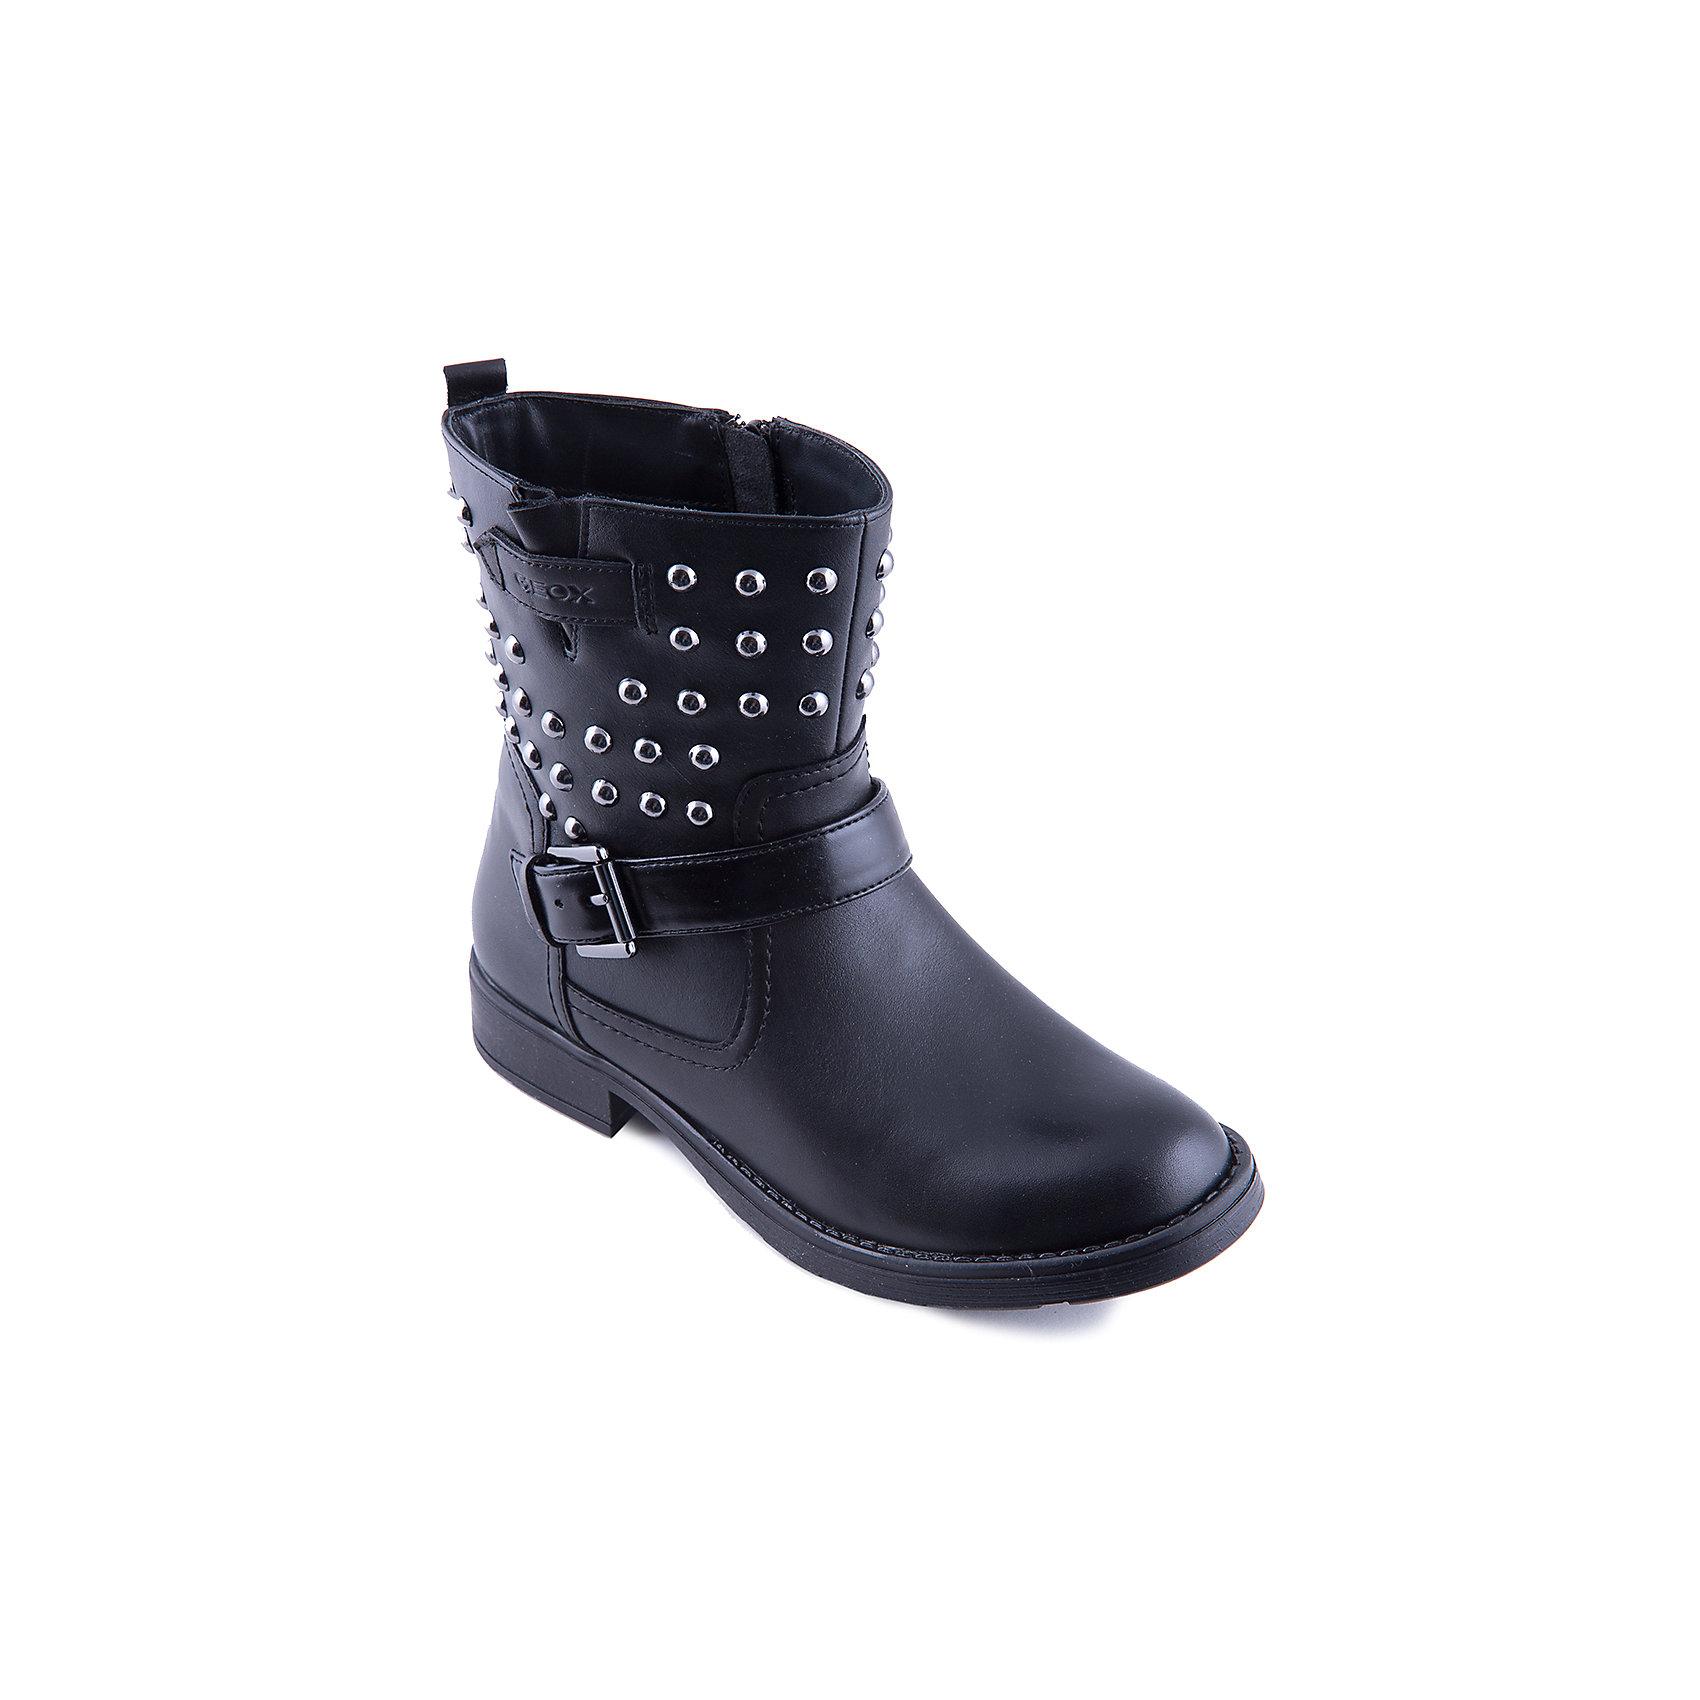 Полусапожки для девочки GEOXПолусапожки для девочки от популярной марки GEOX.<br>Эти стильные черные полусапоги сделаны по уникальной технологии. Производитель обуви GEOX разработал специальную дышащую подошву, которая не пропускает влагу внутрь, а также высокотехнологичную стельку. Полусапожки отлично садятся по ноге. Голенище украшено металлическими элементами и пряжкой.<br>Отличительные особенности модели:<br>- гибкая водоотталкивающая подошва с дышащей мембраной;<br>- мягкий и легкий верх;<br>- эргономичная форма;<br>- удобная застежка-молния;<br>- комфортное облегание;<br>- ударопрочная антибактериальная стелька;<br>- защита пятки и пальцев;<br>- верх обуви и подкладка сделаны без использования хрома.<br>Дополнительная информация:<br>- Температурный режим: от - 10° С  до + 15° С.<br>- Состав:<br>материал верха: кожа, текстиль<br>материал подкладки: кожа,  текстиль<br>подошва: полимер.<br>Полусапожки для девочки GEOX (Геокс) можно купить в нашем магазине.<br><br>Ширина мм: 257<br>Глубина мм: 180<br>Высота мм: 130<br>Вес г: 420<br>Цвет: черный<br>Возраст от месяцев: 168<br>Возраст до месяцев: 192<br>Пол: Женский<br>Возраст: Детский<br>Размер: 38,39,41,36,37,40<br>SKU: 4178924